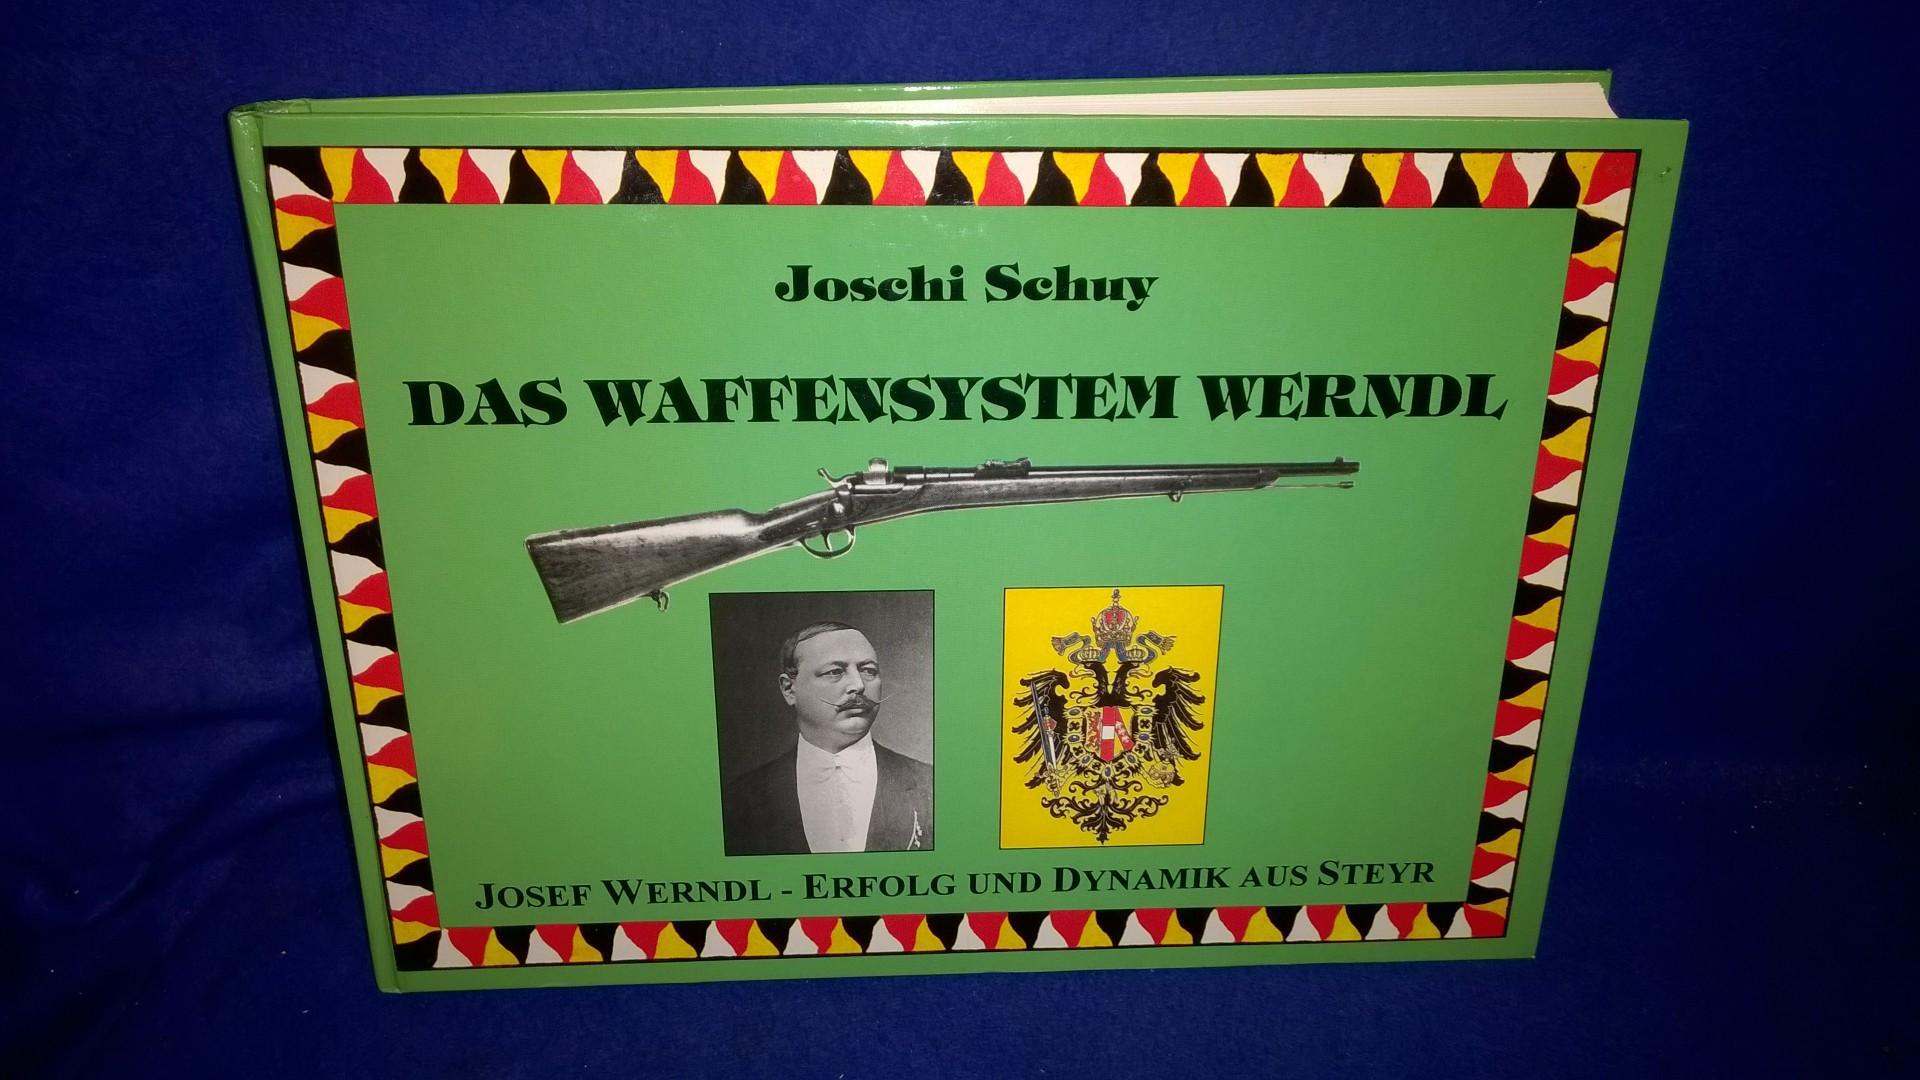 Das Waffensystem Werndl. Josef Werndl - Erfolg und Dynamik aus Steyr.